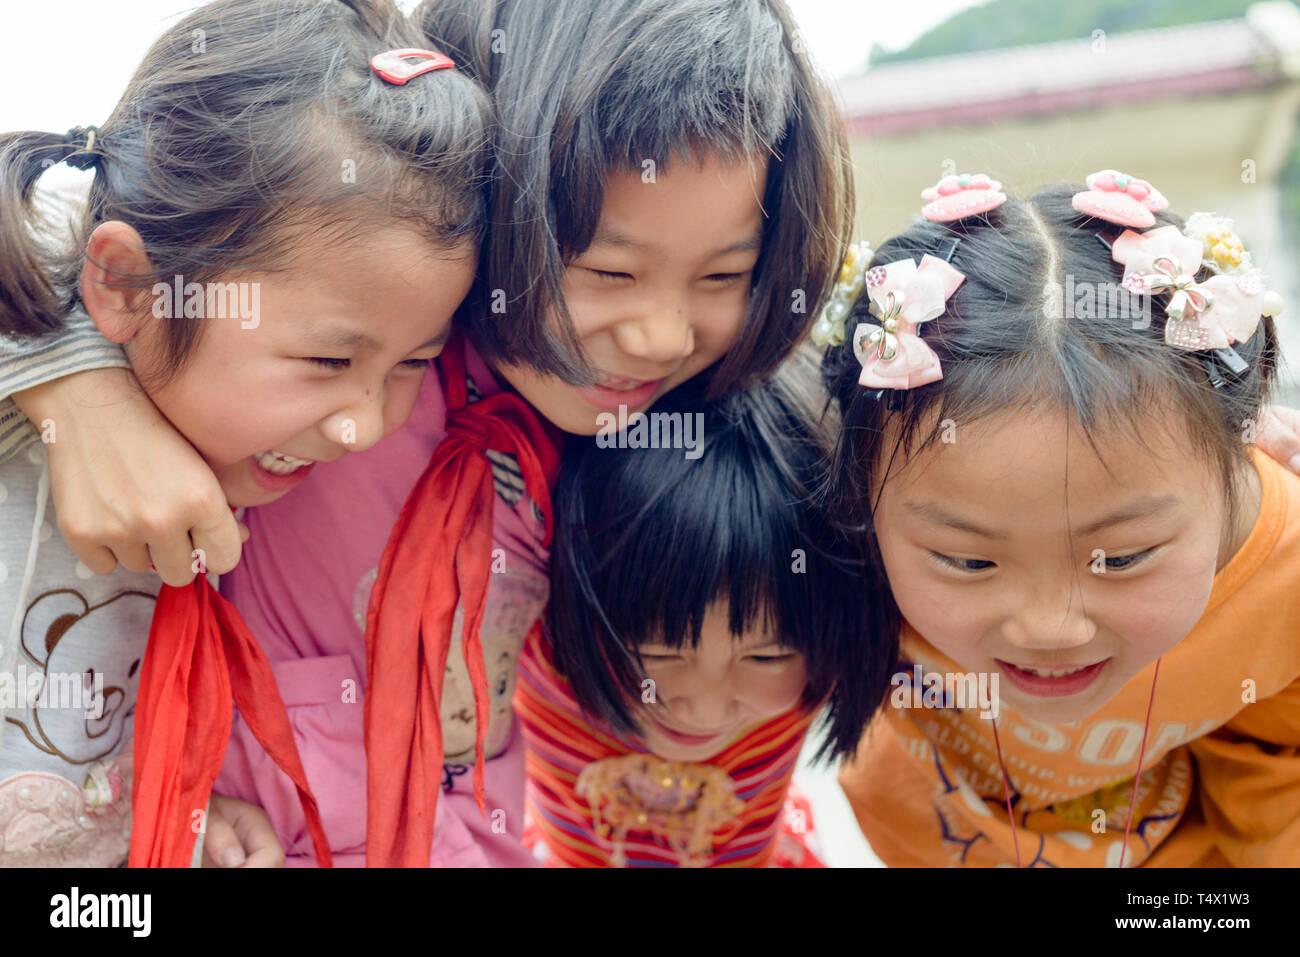 Quattro età primaria scuola ragazze nel gruppo abbraccio, ridendo e gridando. Regione di Guangxi, centrale Cina meridionale. Immagini Stock